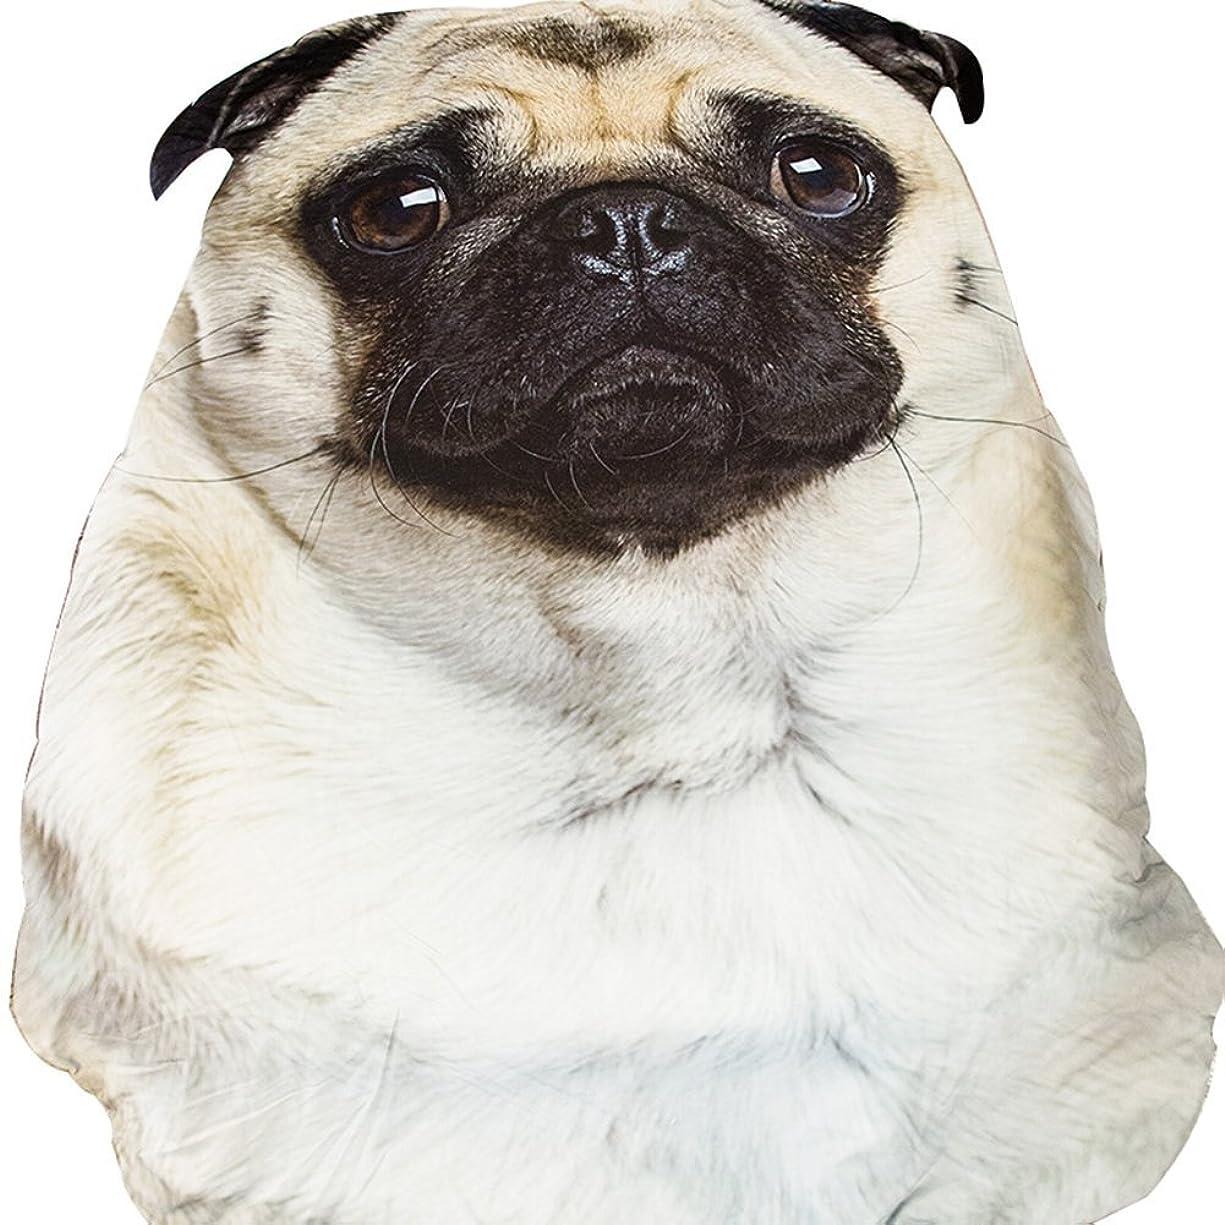 委任ペルセウスリーfanituhan 寝具 子供用 大人用 毛布 動物 犬 パグ pug 夏 掛け布団 洗濯可能 冷房対策最適 サマーキルト かわいい 犬柄 (L)